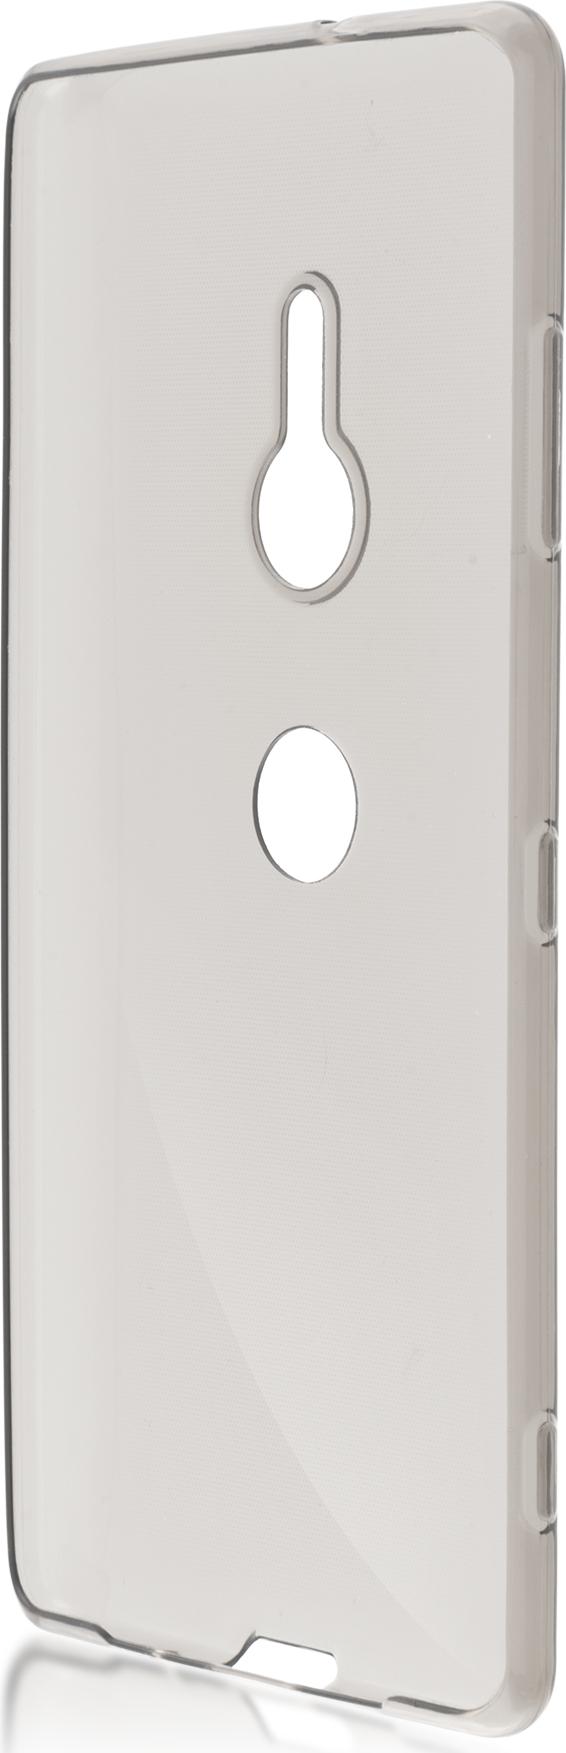 Чехол Brosco TPU для Sony Xperia XZ3, черный чехол для sony i4213 xperia 10 plus brosco силиконовая накладка черный